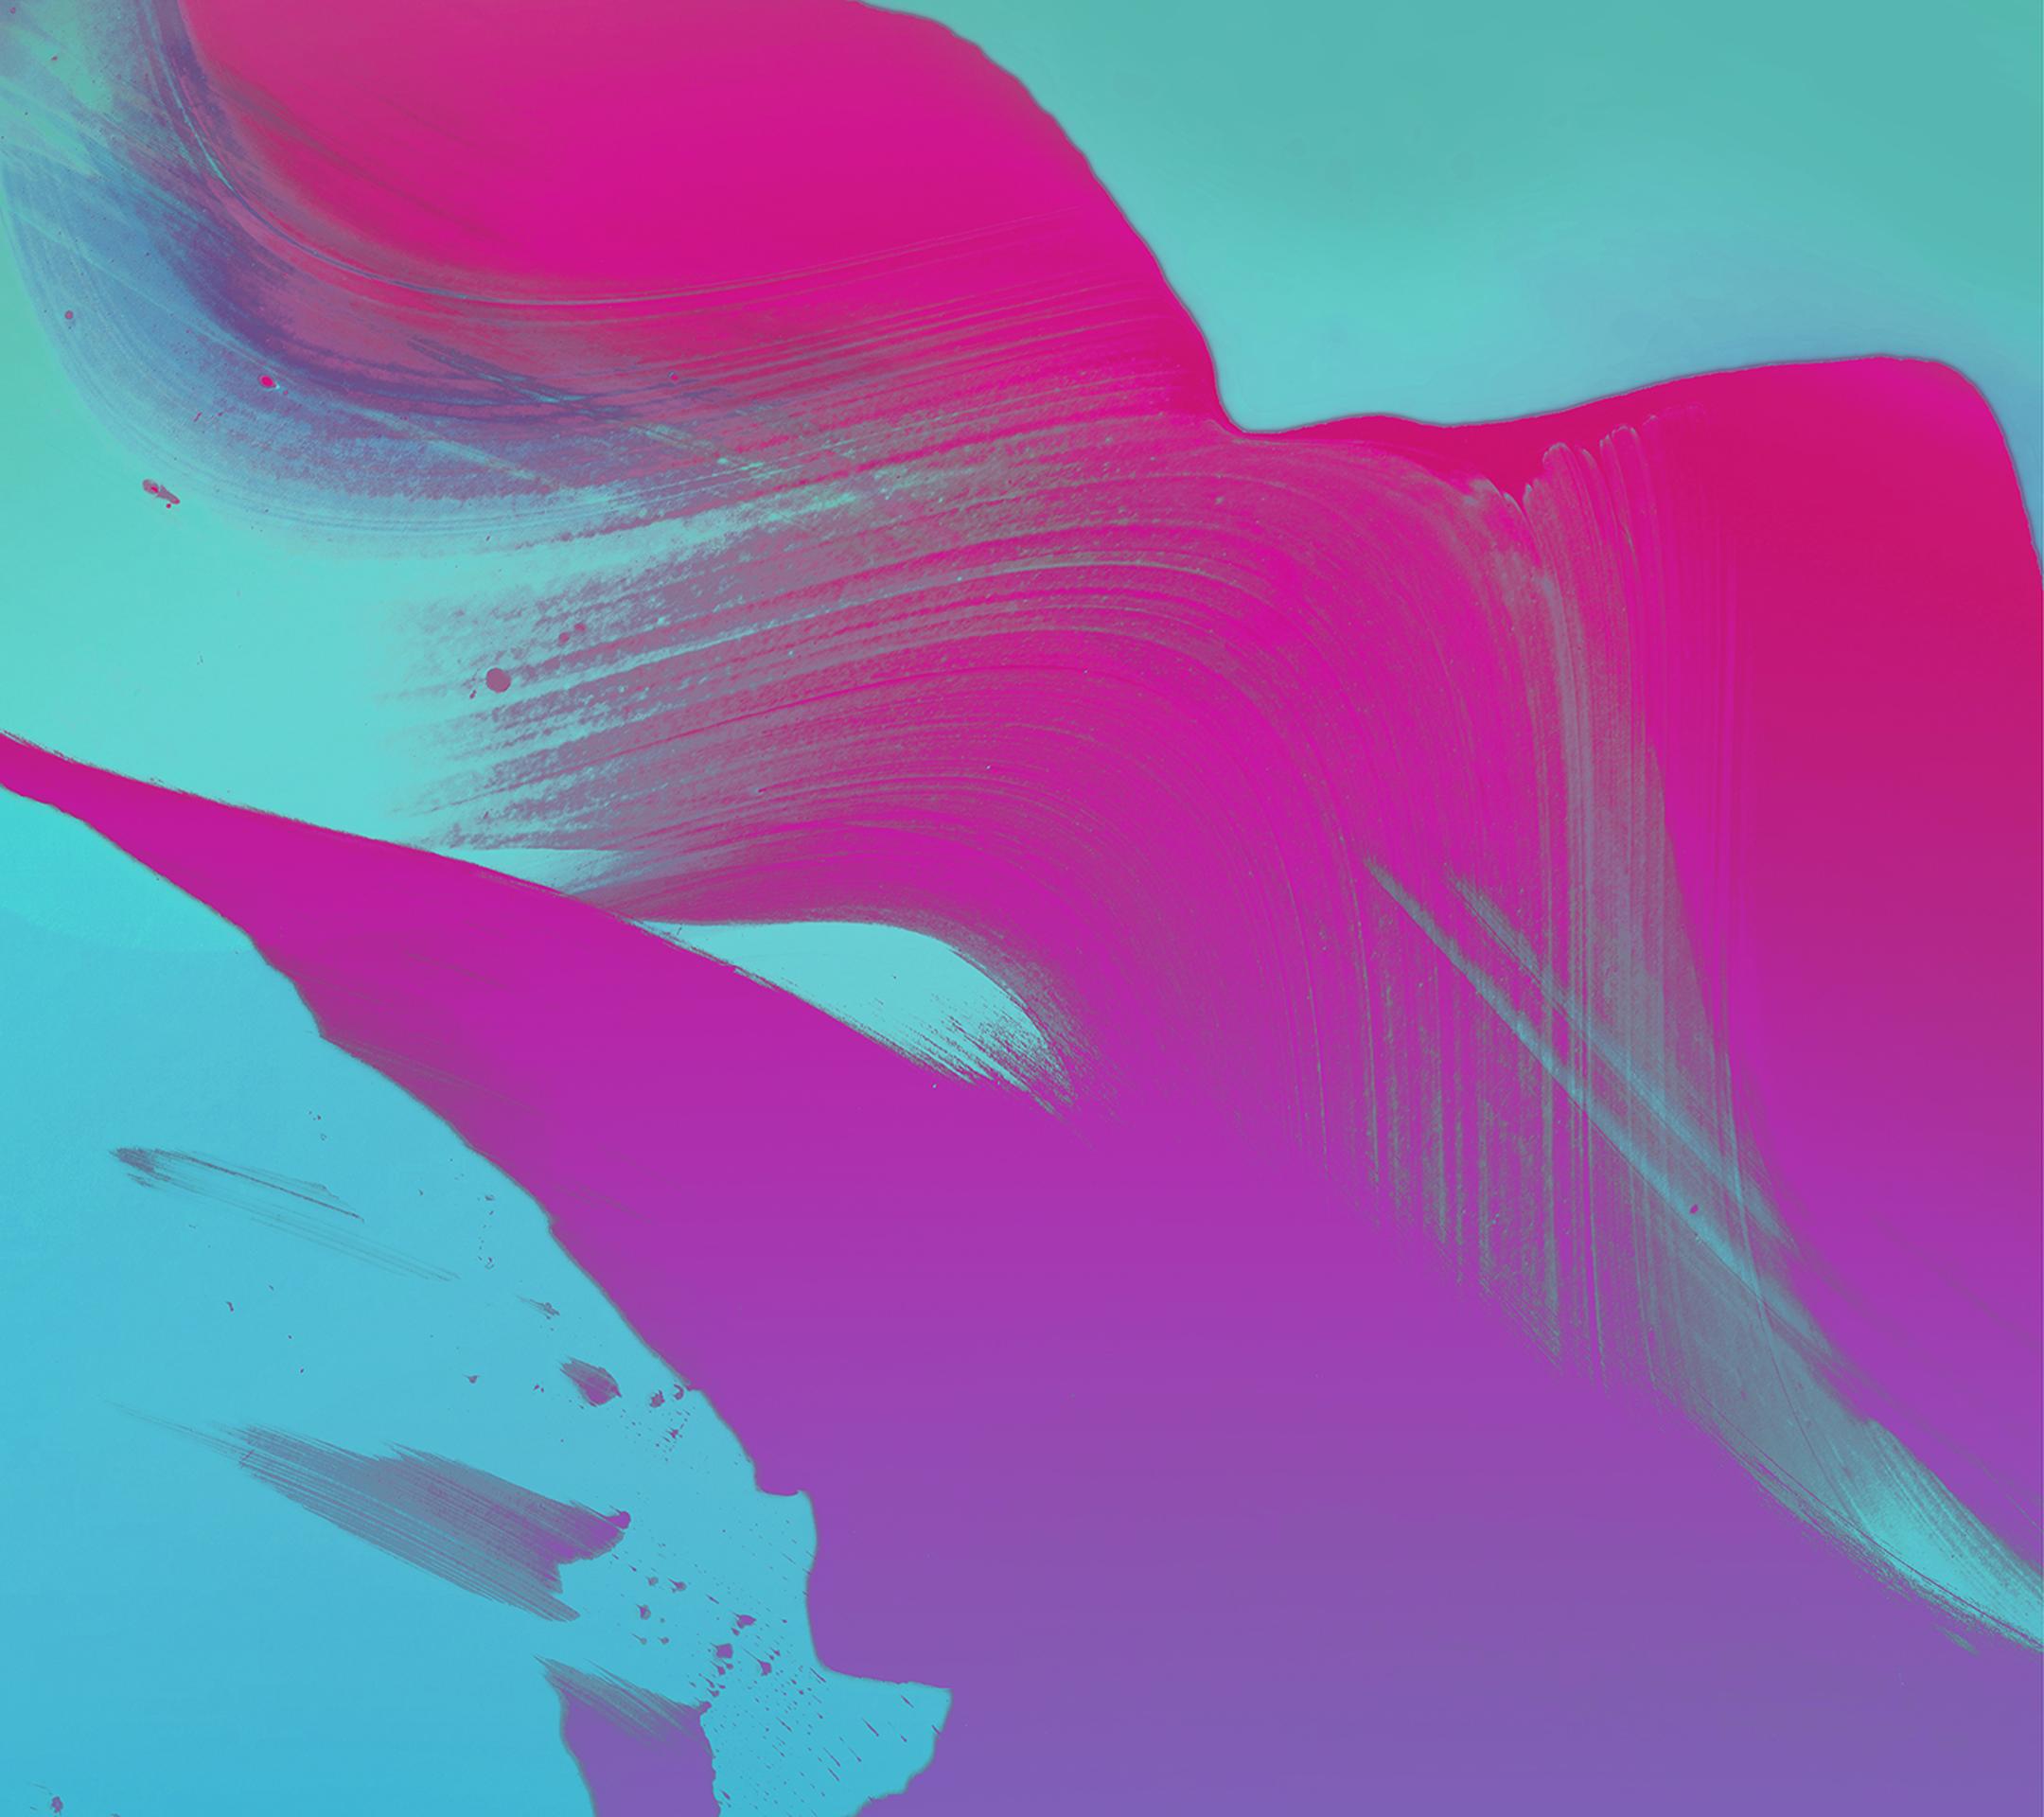 次期スマホ Xperia X So 04h の壁紙紹介 ドコモ スマートフォンおすすめ情報局